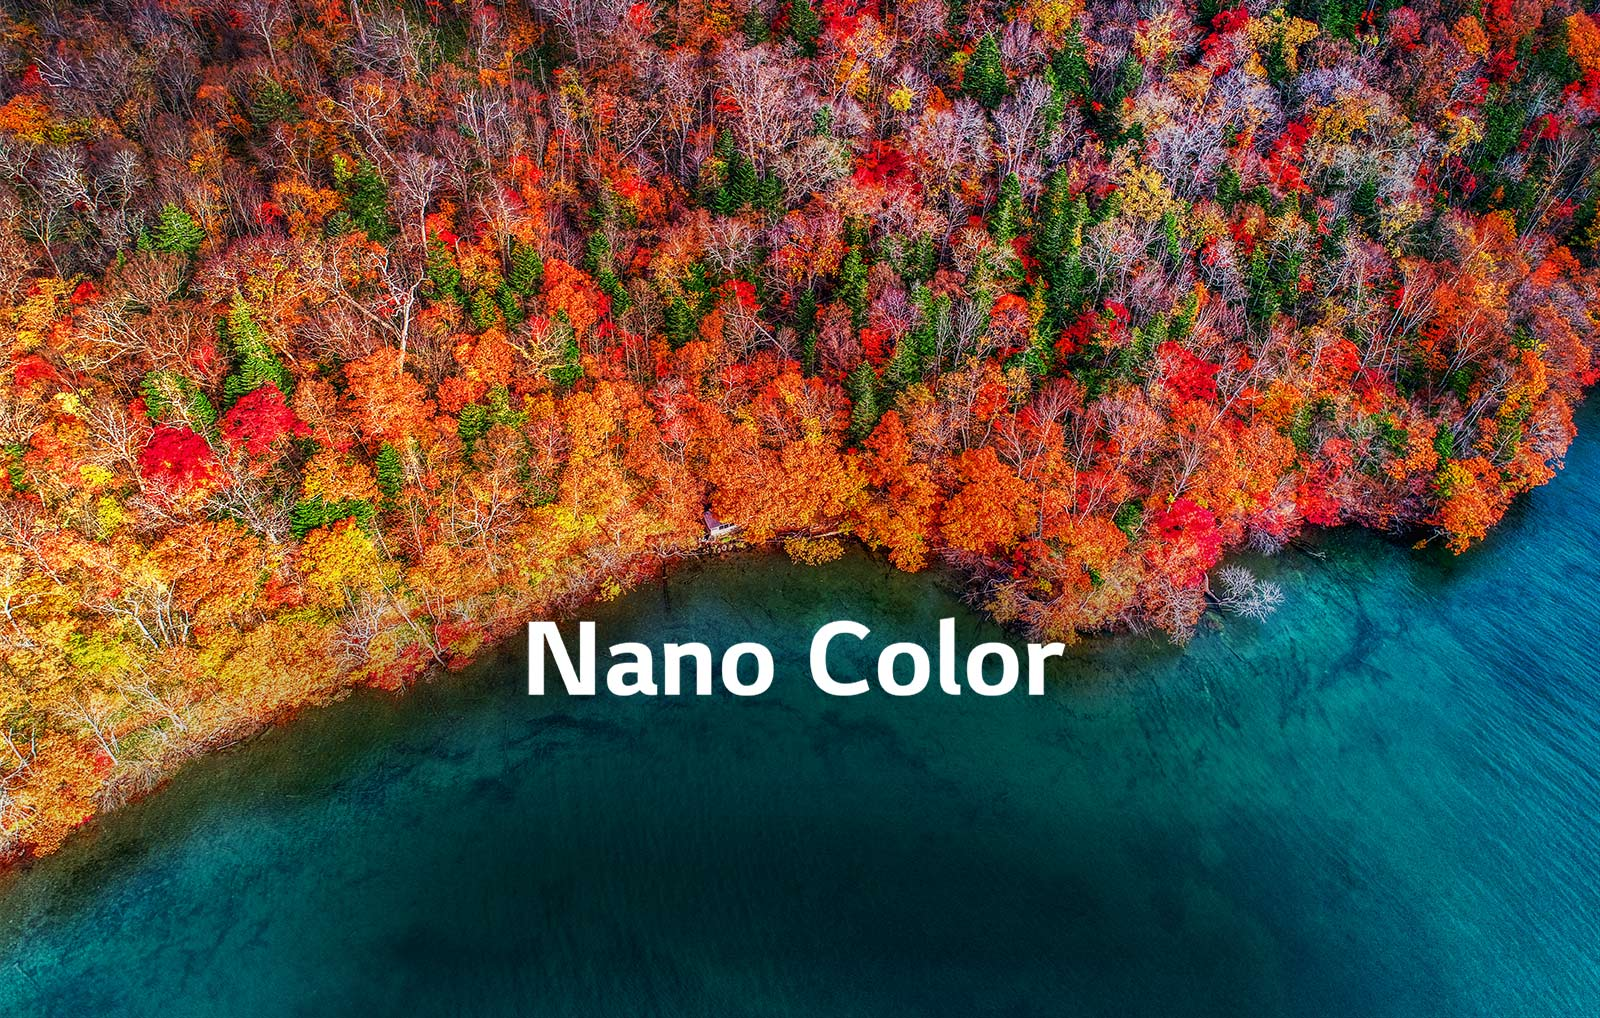 LG Nano Color TV